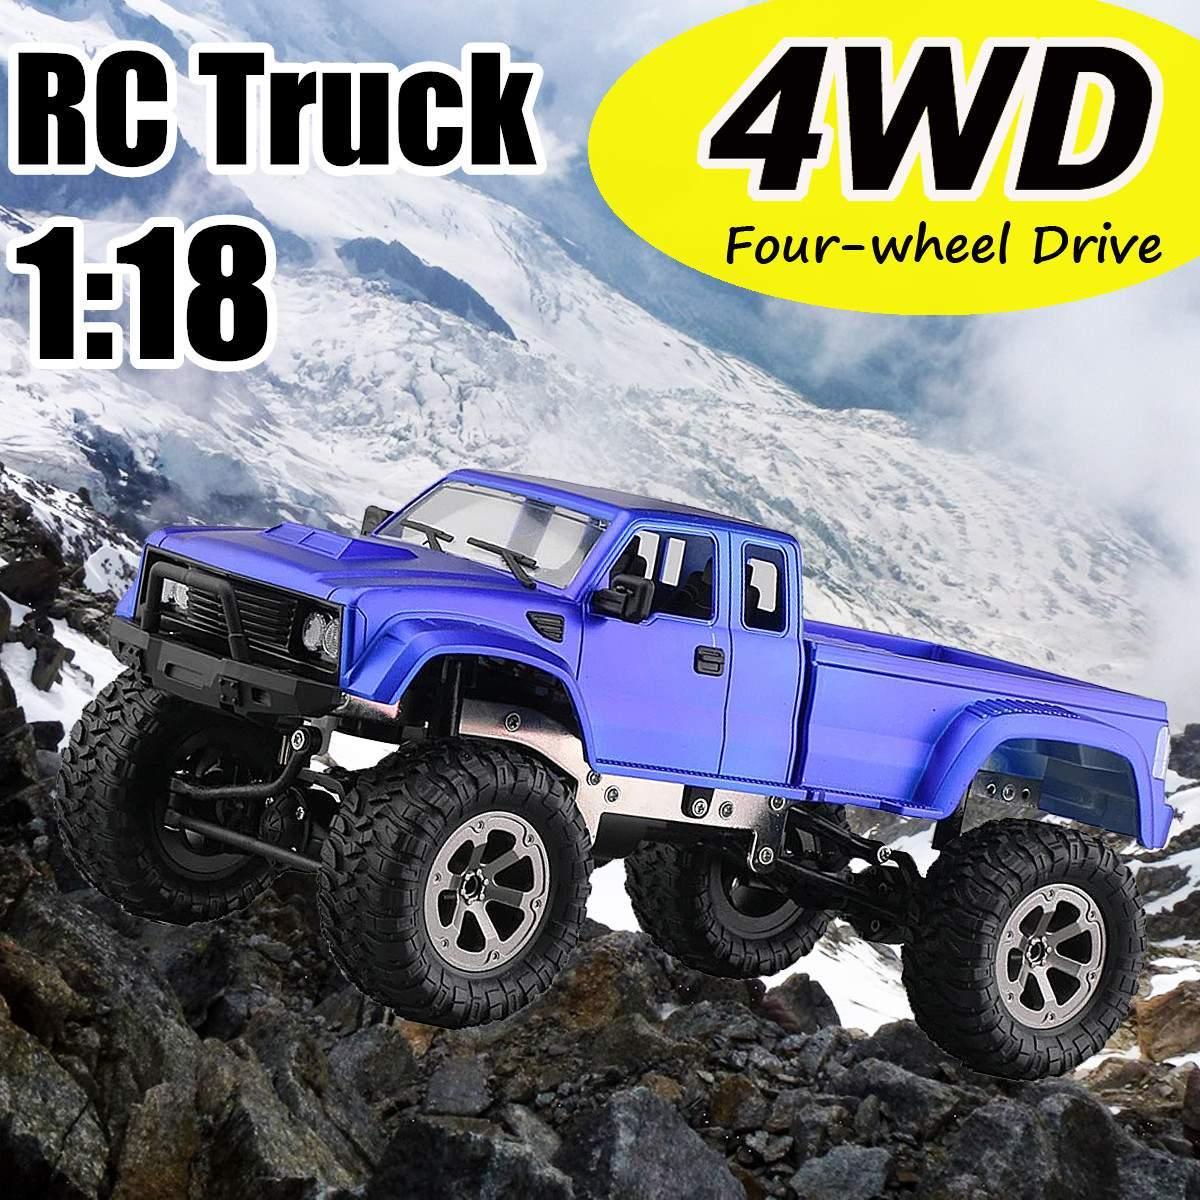 Voiture chaude RC 2.4 ghz 1:18 voiture télécommandée monstres électriques camion 4WD quatre roues véhicule tout-terrain rouge/bleu nouveau